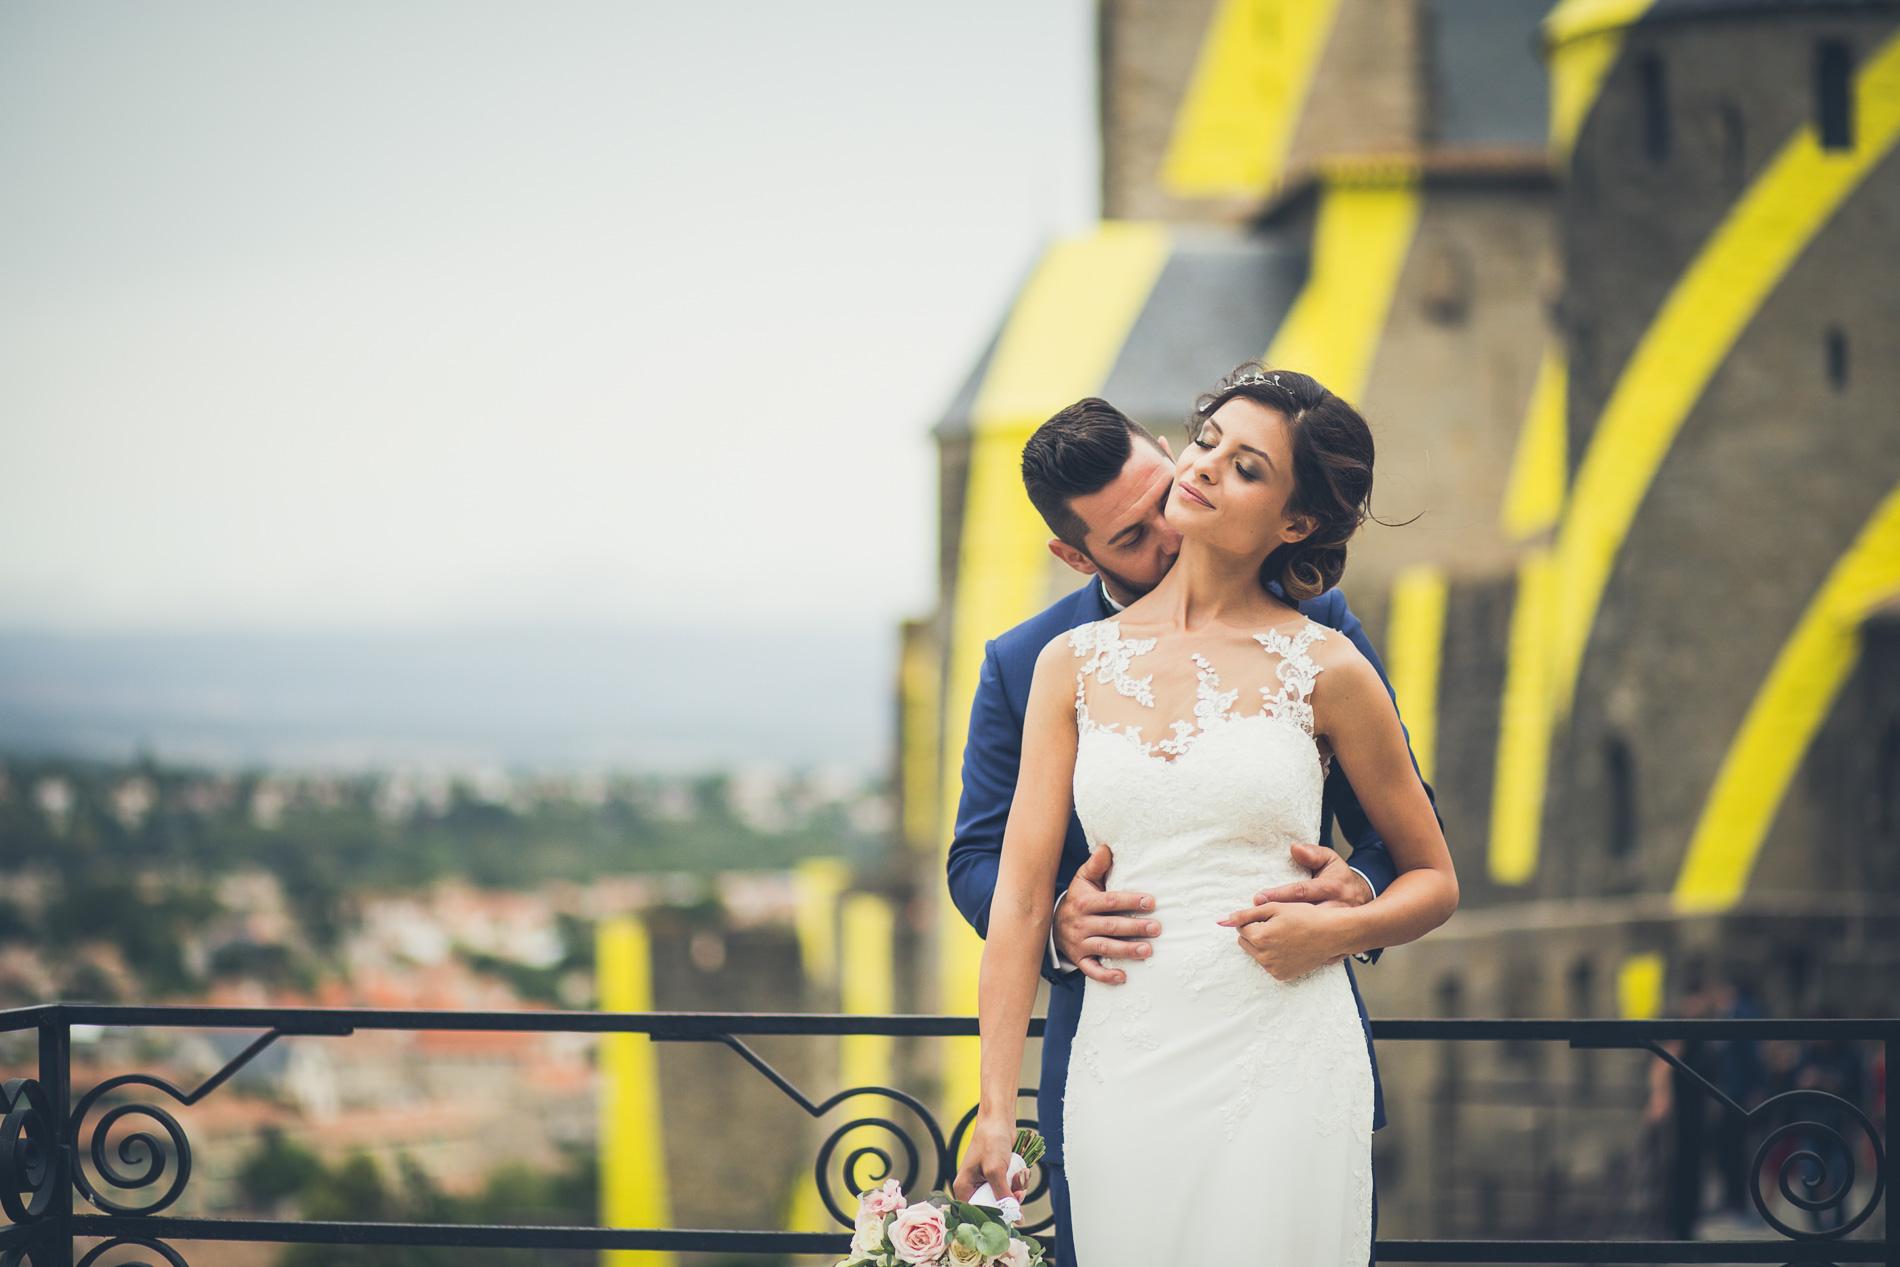 photographe-mariage-cite-de-carcassonne-1